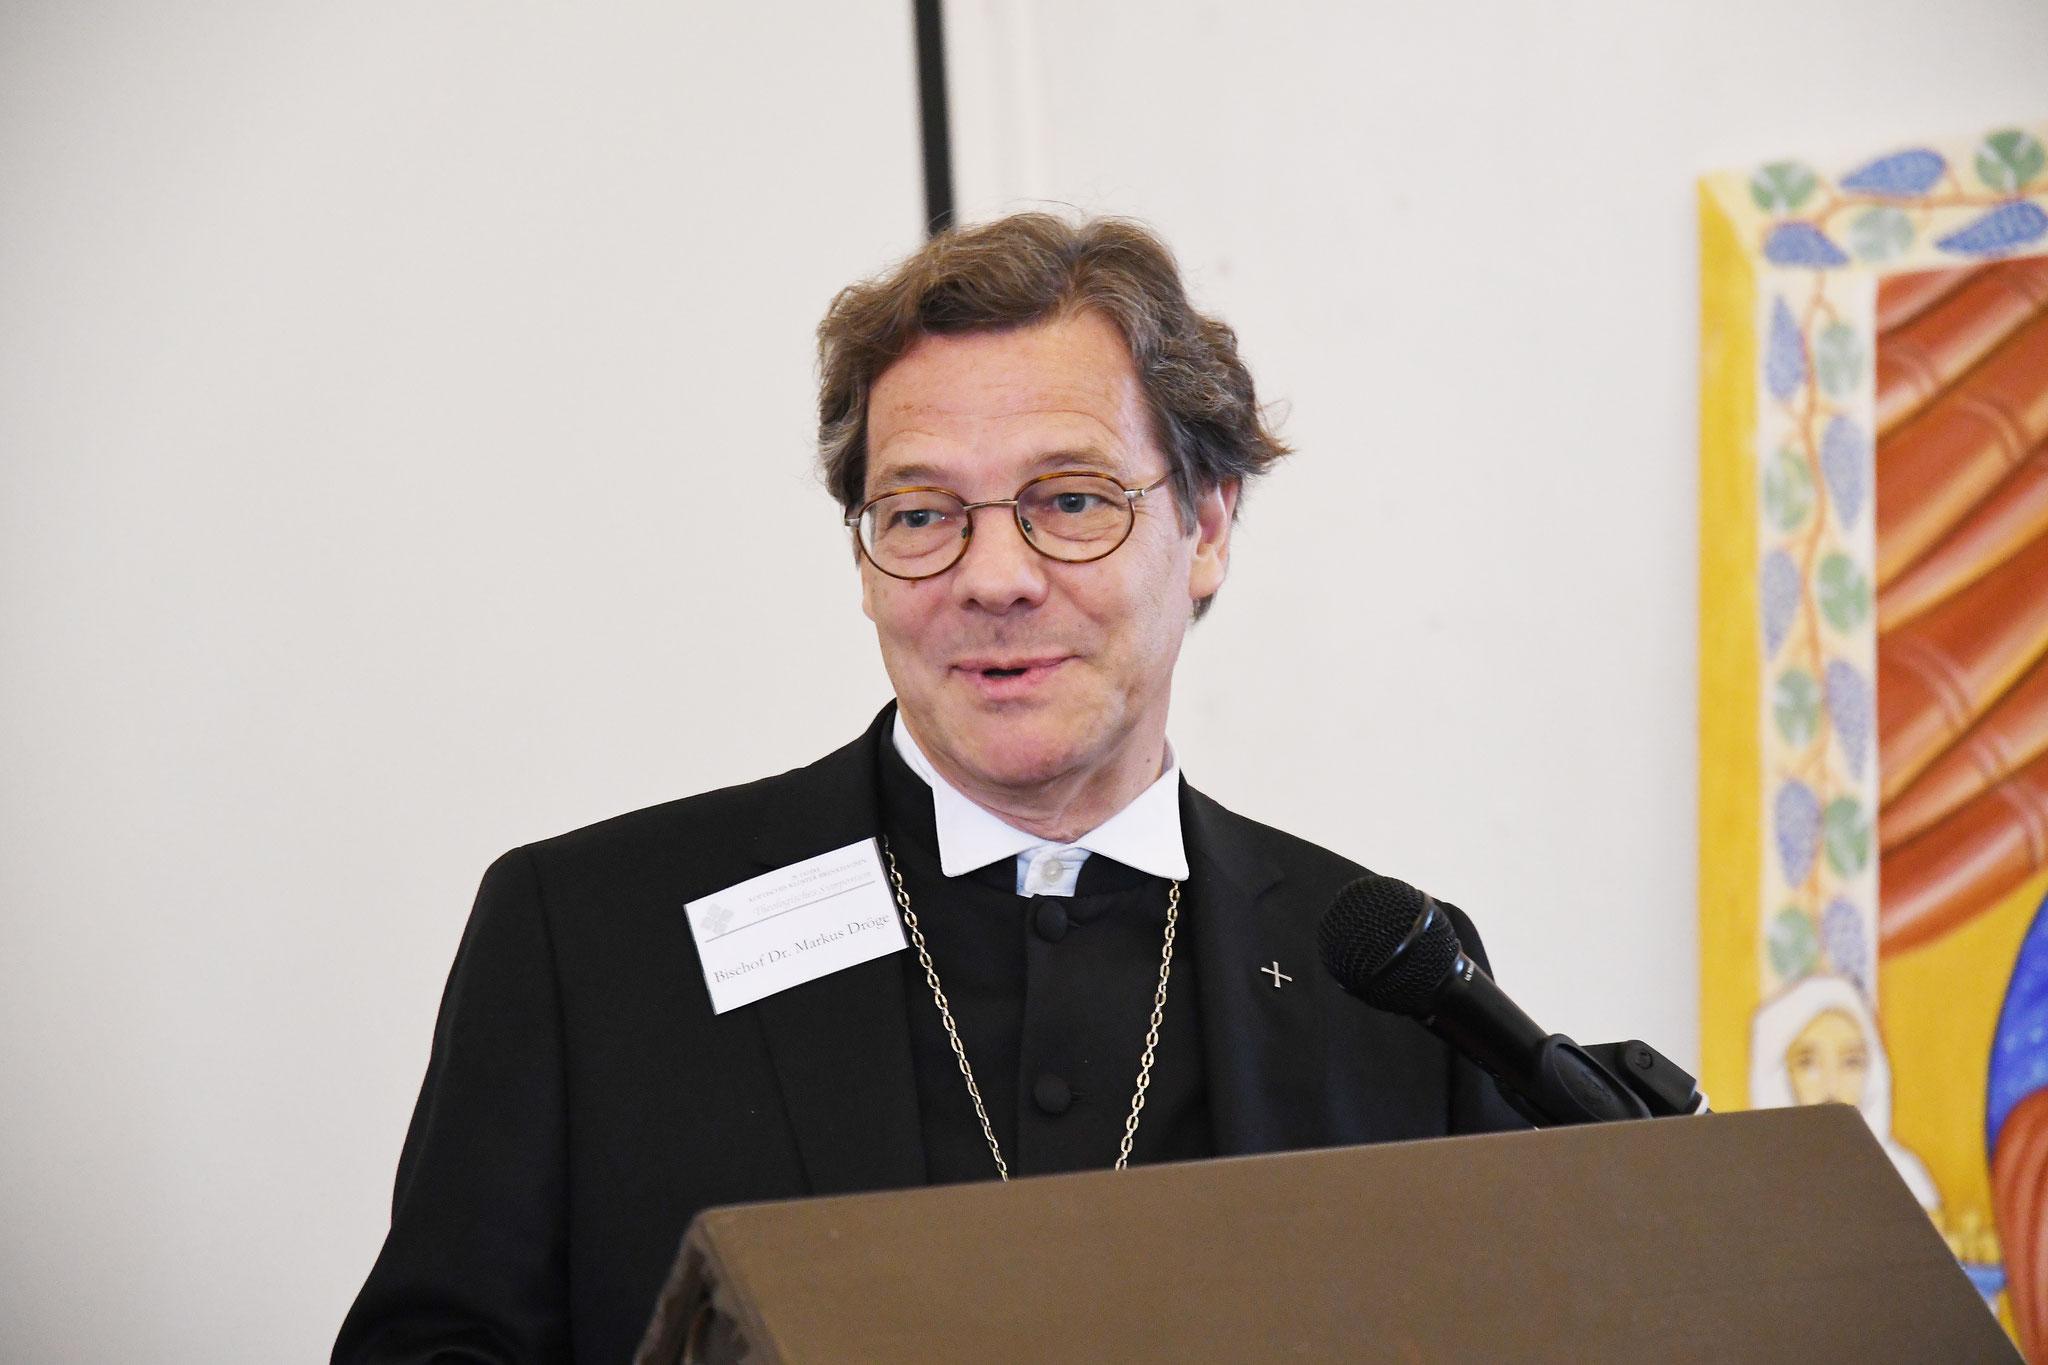 Grußworte von Bischof Dr. Dr. h.c. Markus Dröge. Foto: Maria Hopp